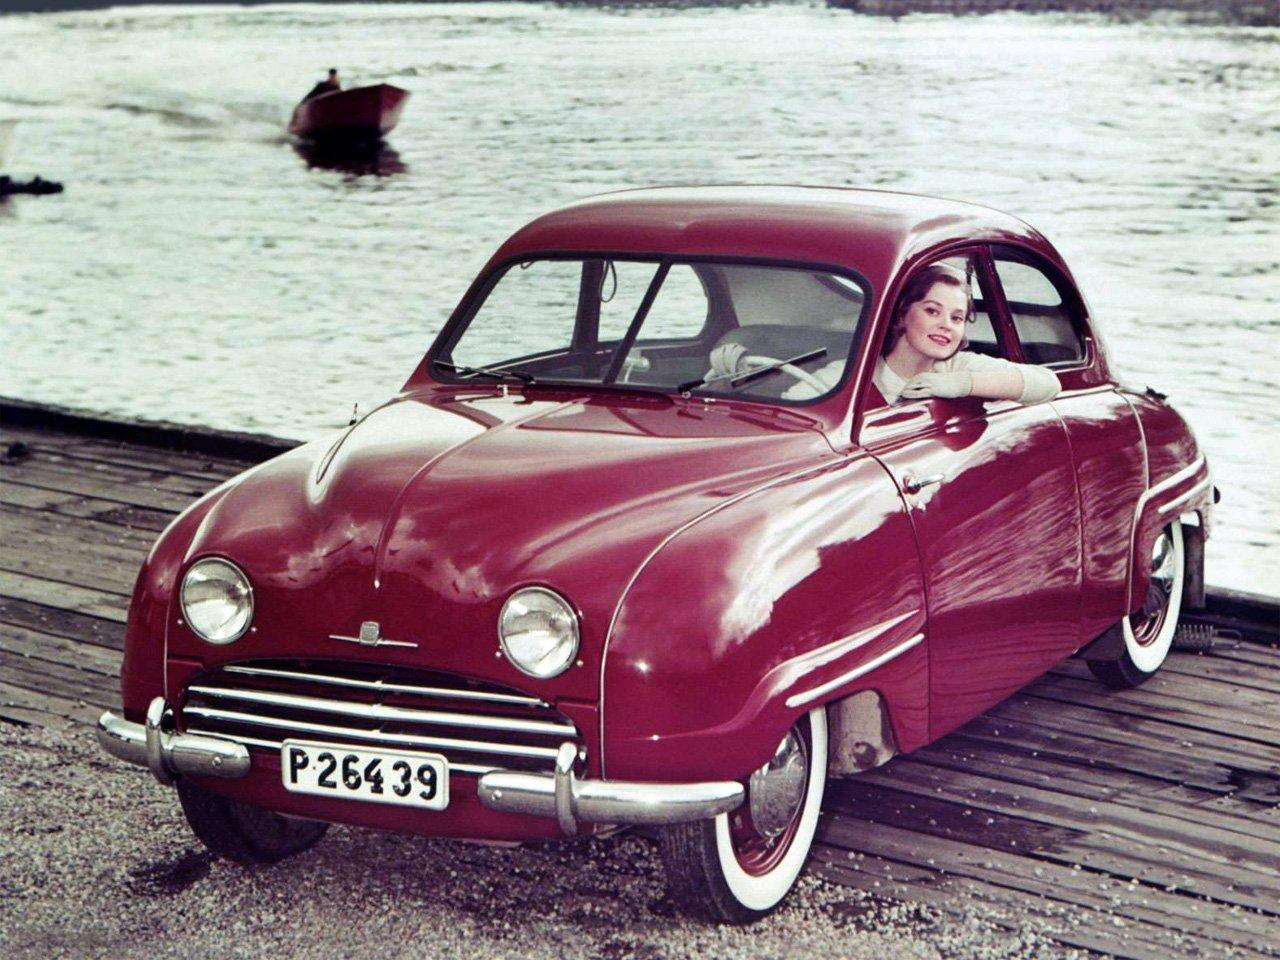 Αυτό ήταν το πρώτο αυτοκίνητο που έφτιαξε η SAAB